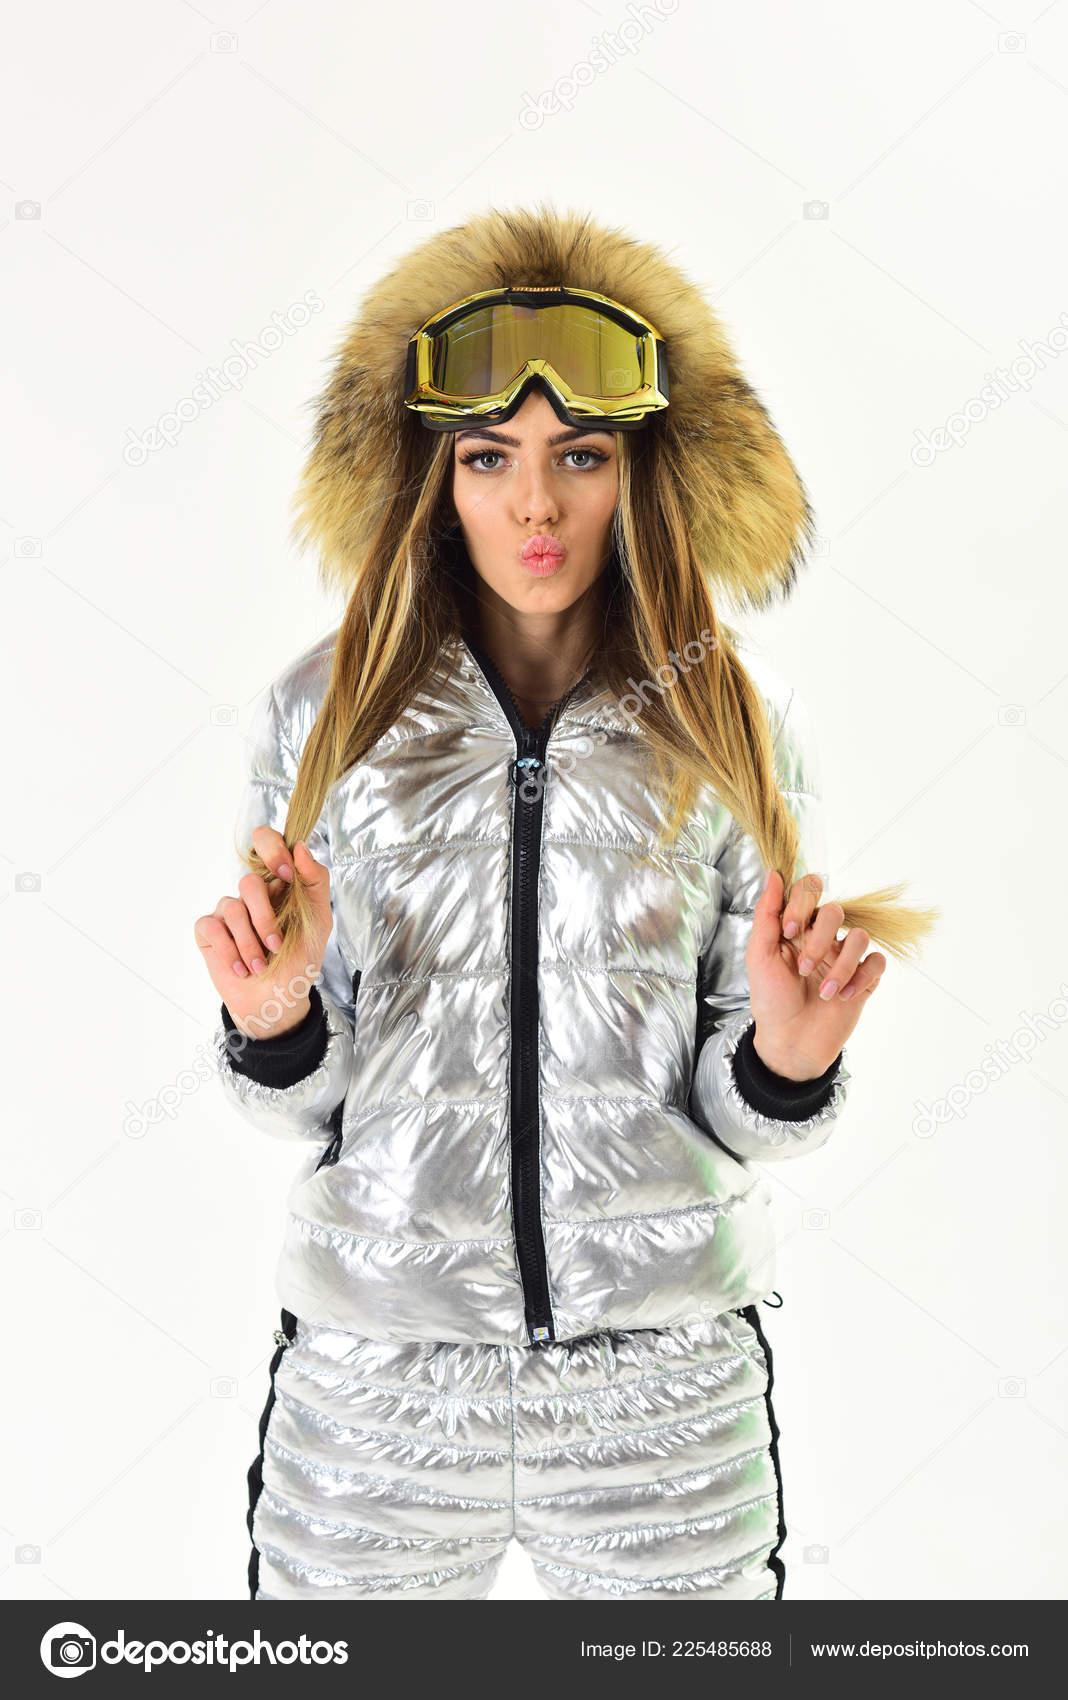 Σέξι γυναίκα σε ρούχα του χειμώνα. Καλές Γιορτές. Κορίτσι στο σκι ή  snowboard φθορά. Χειμερινό άθλημα και δραστηριότητα. Θέρετρο σκι και  σνόουμπορντ ... 4a409e59d96